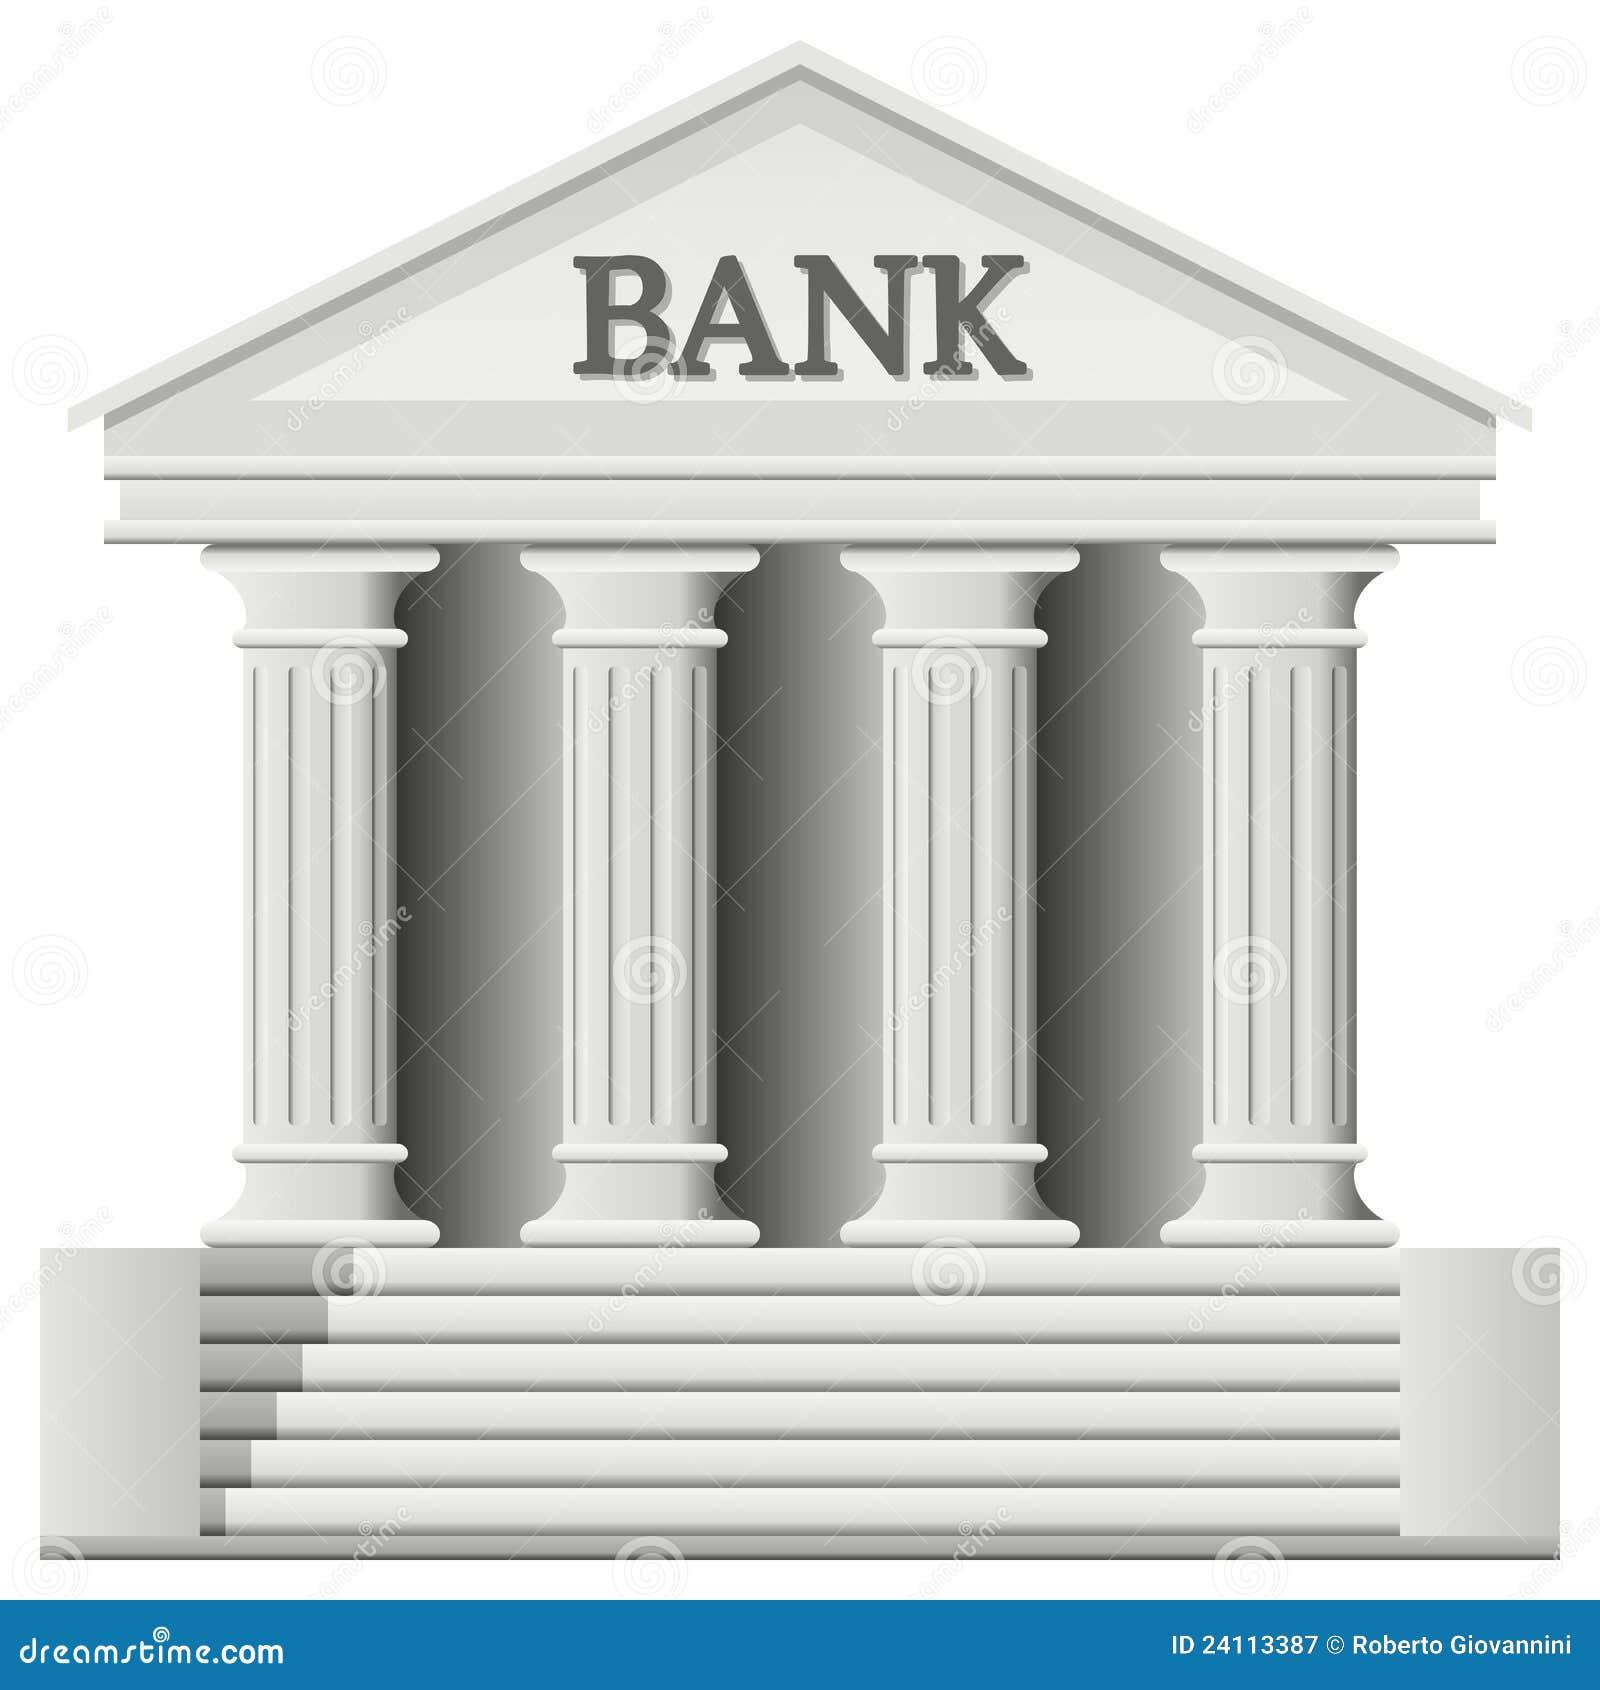 Bank Building Icon Cartoon Vector